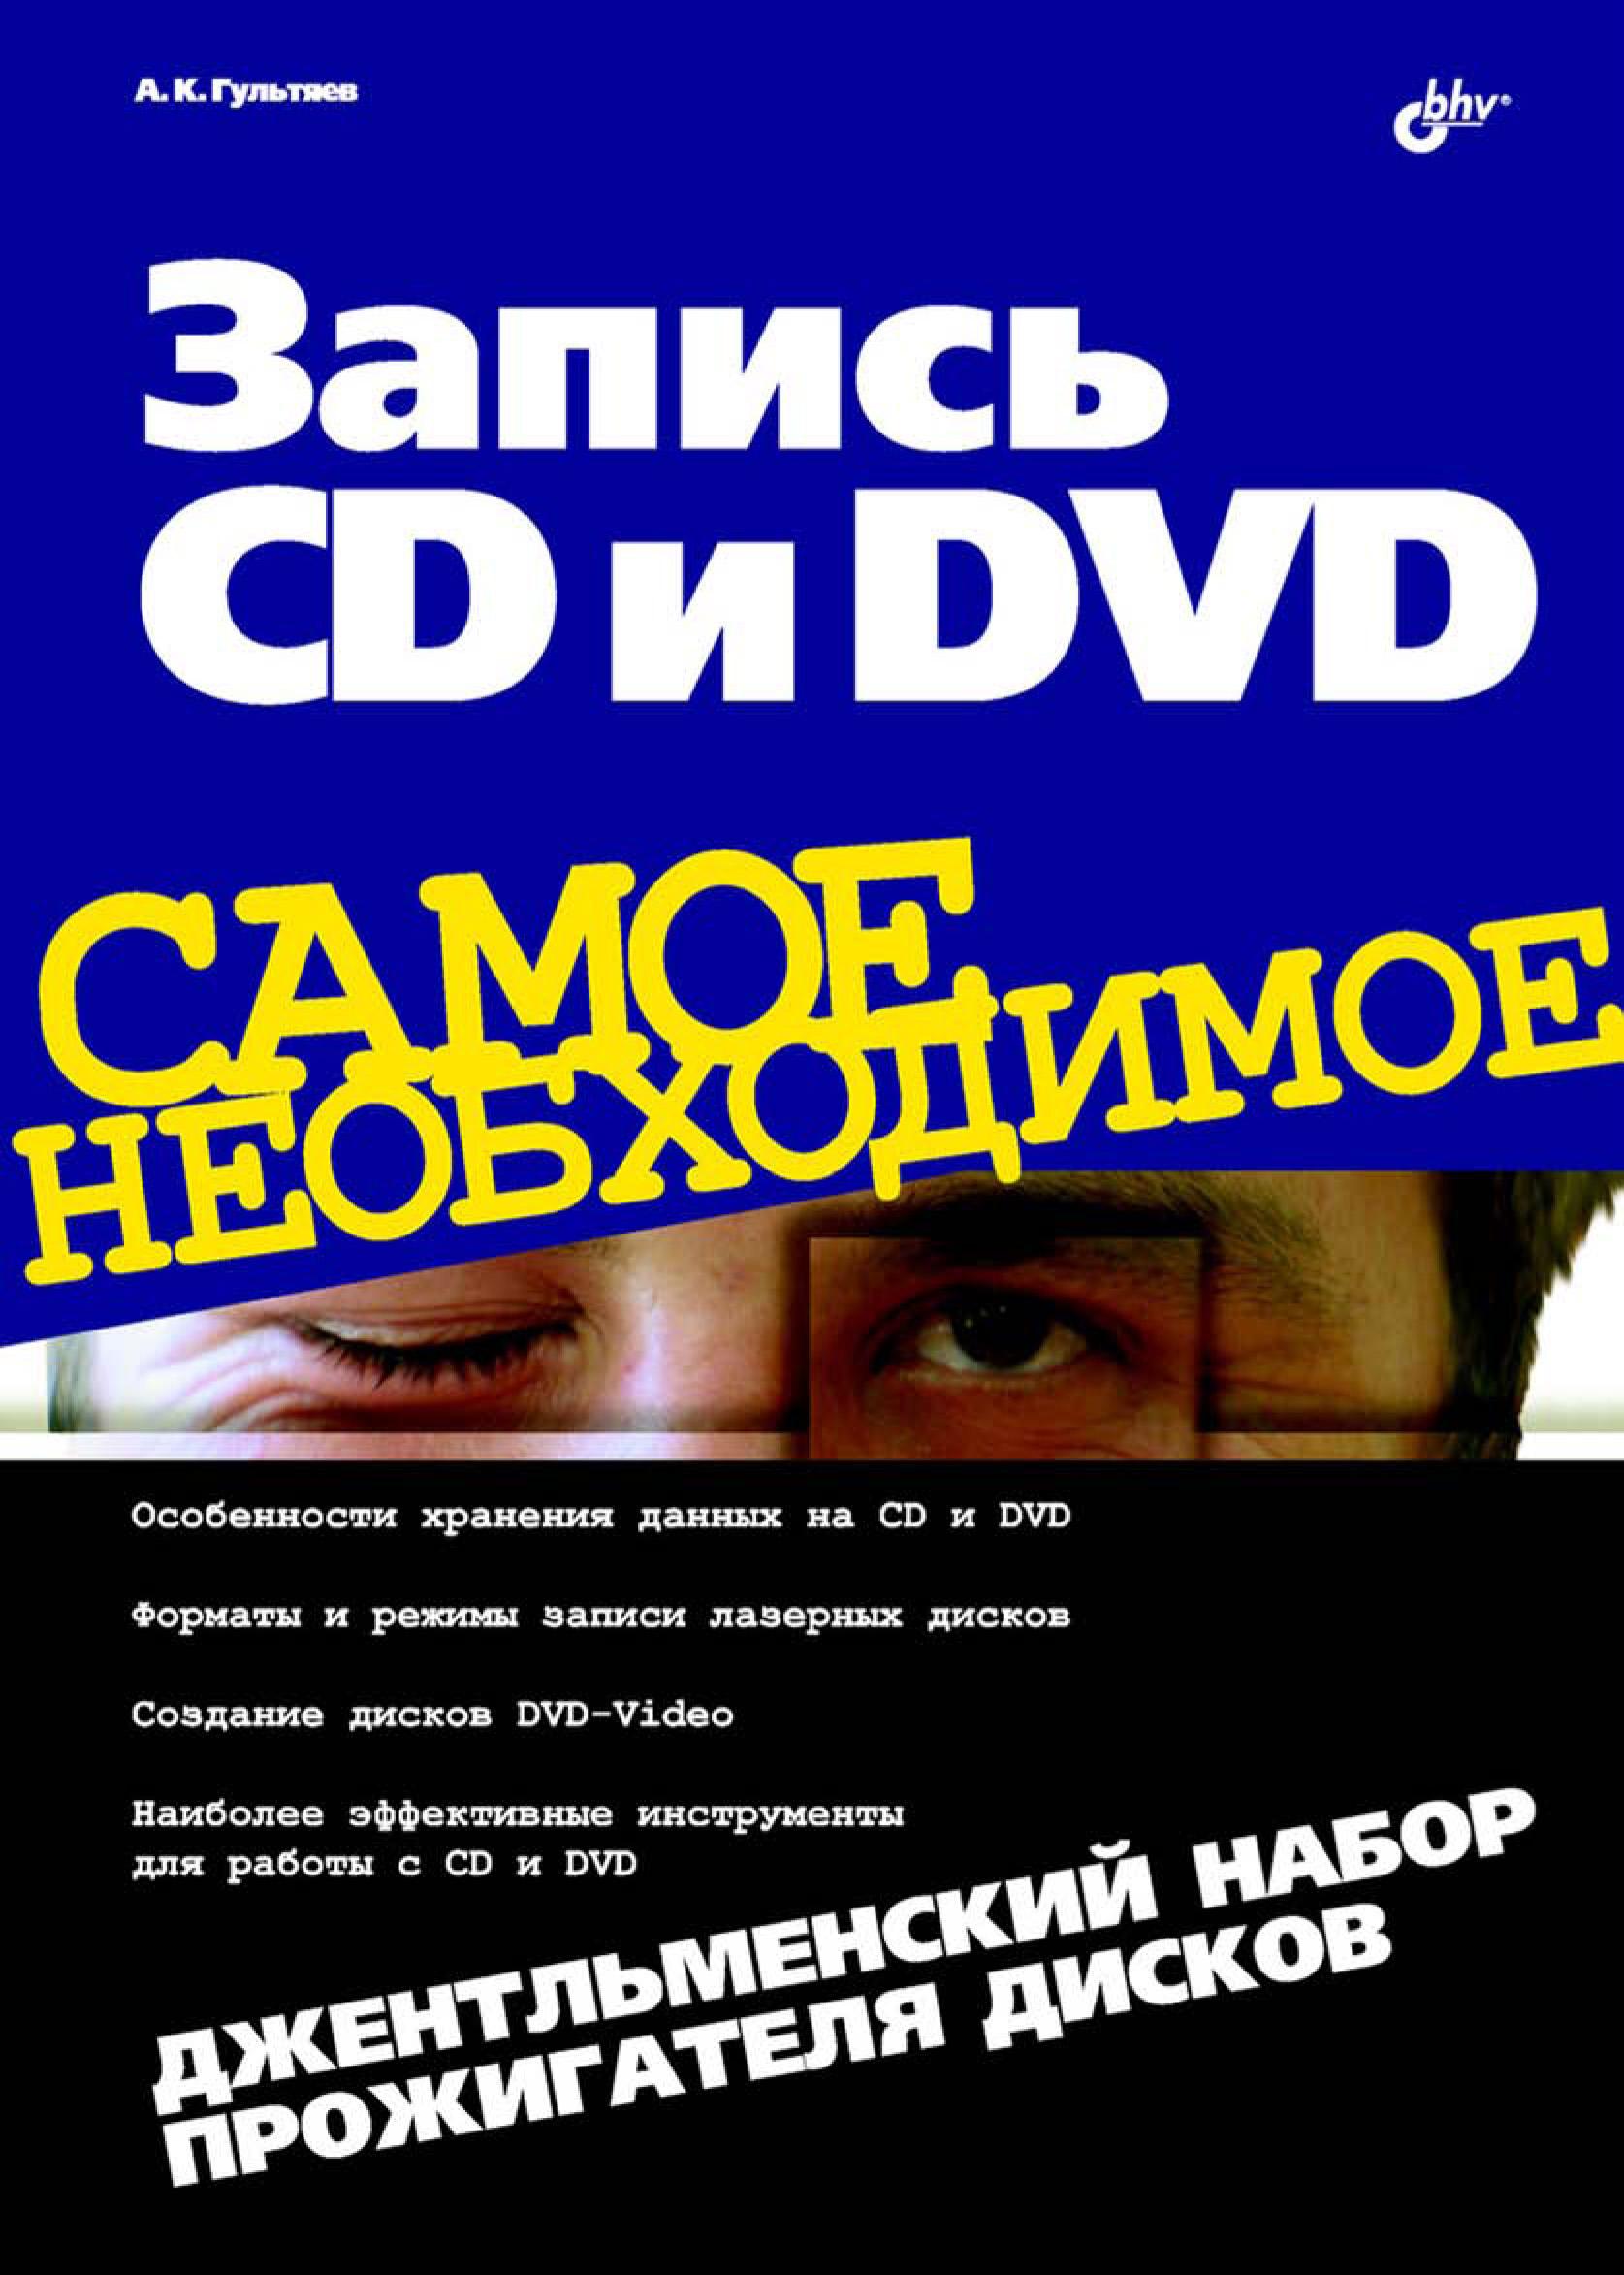 Алексей Гультяев Запись CD и DVD. Джентльменский набор прожигателя дисков 50 программ для работы с cd и dvd cd